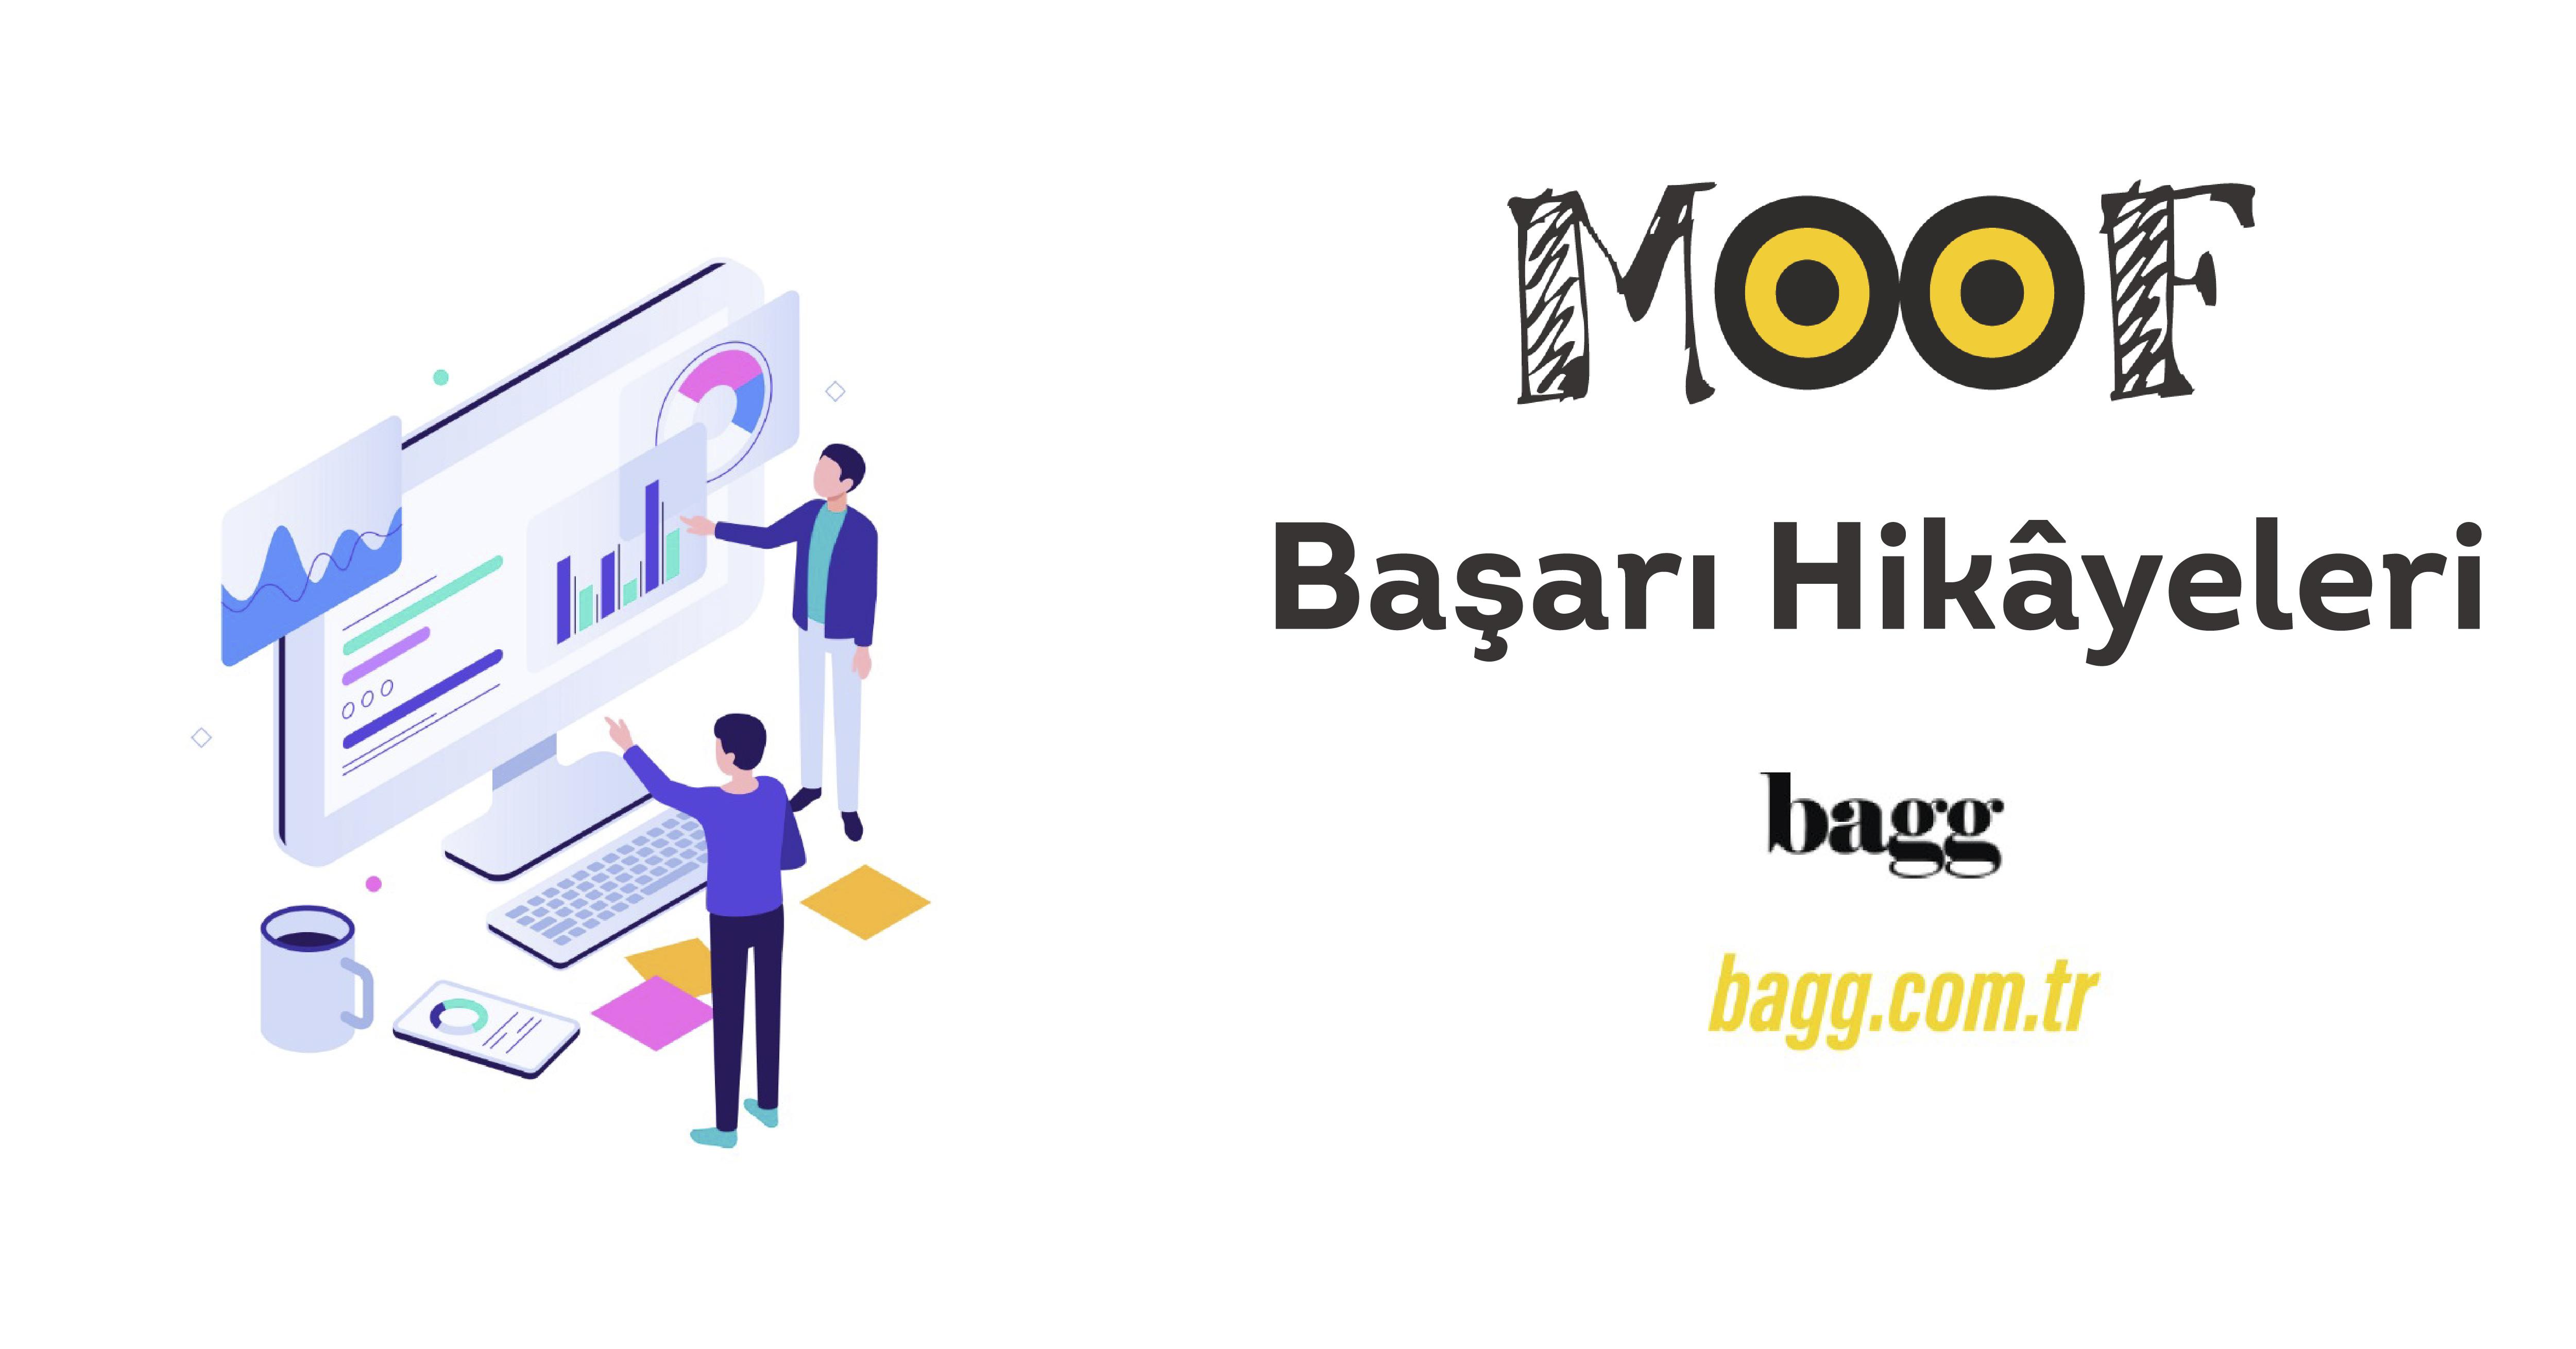 Bagg.com.tr, MooF ile Gösterimini %65,52 Artırdı!